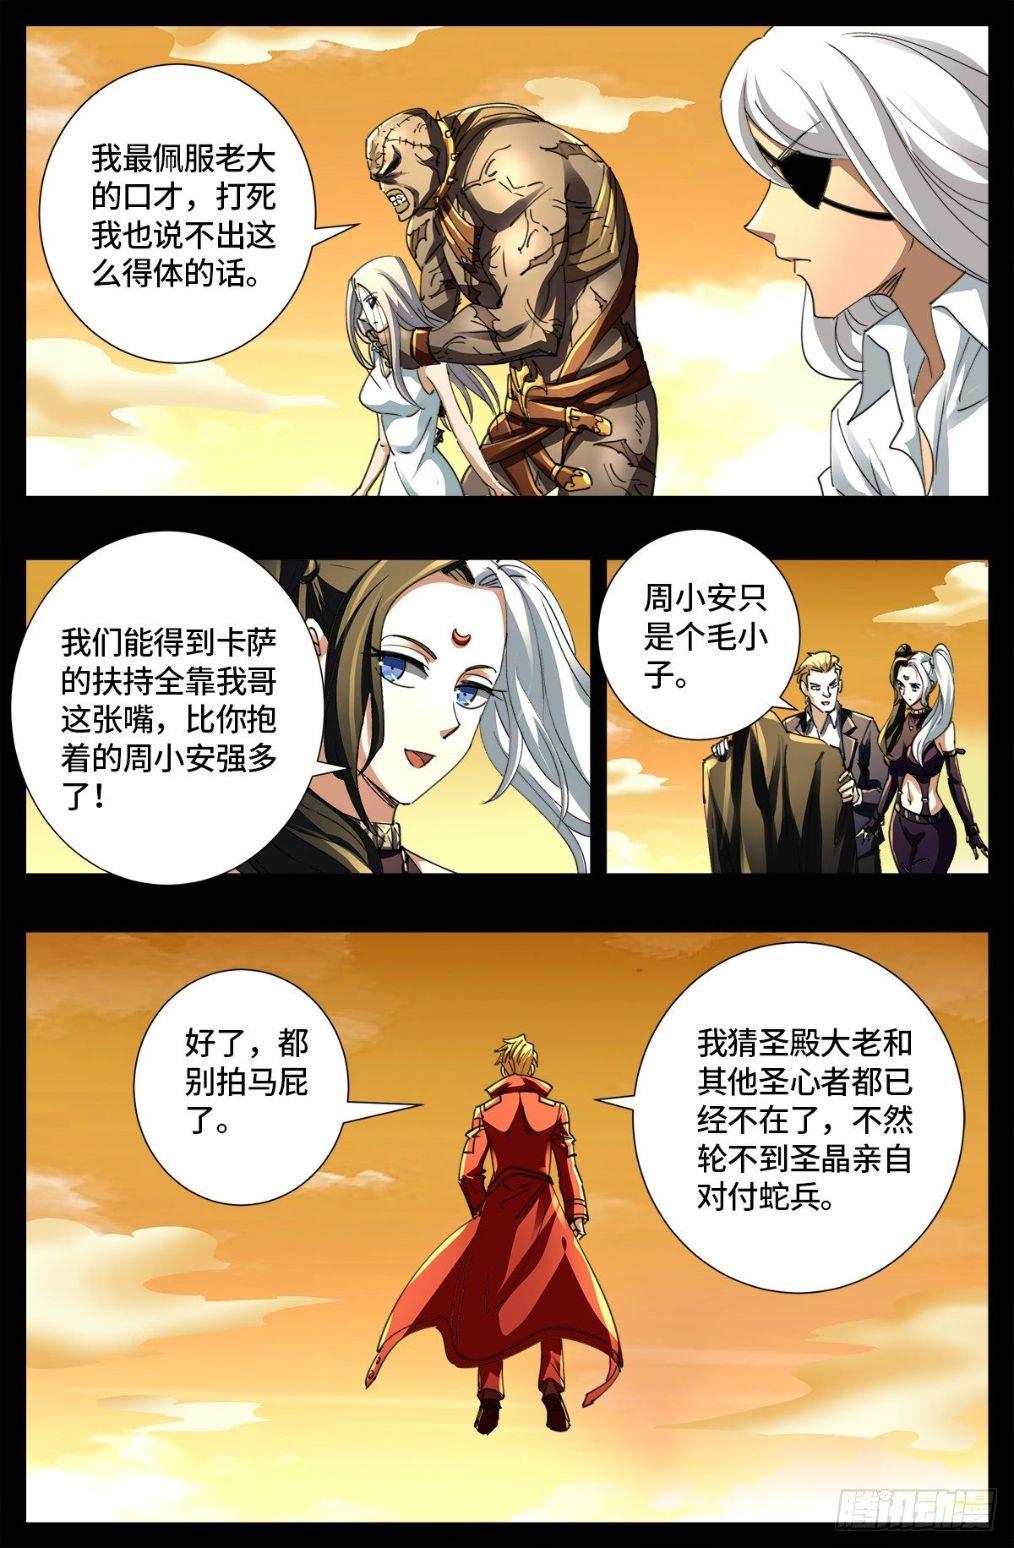 僵尸王漫画:戒魔人 第650话 不会离开你